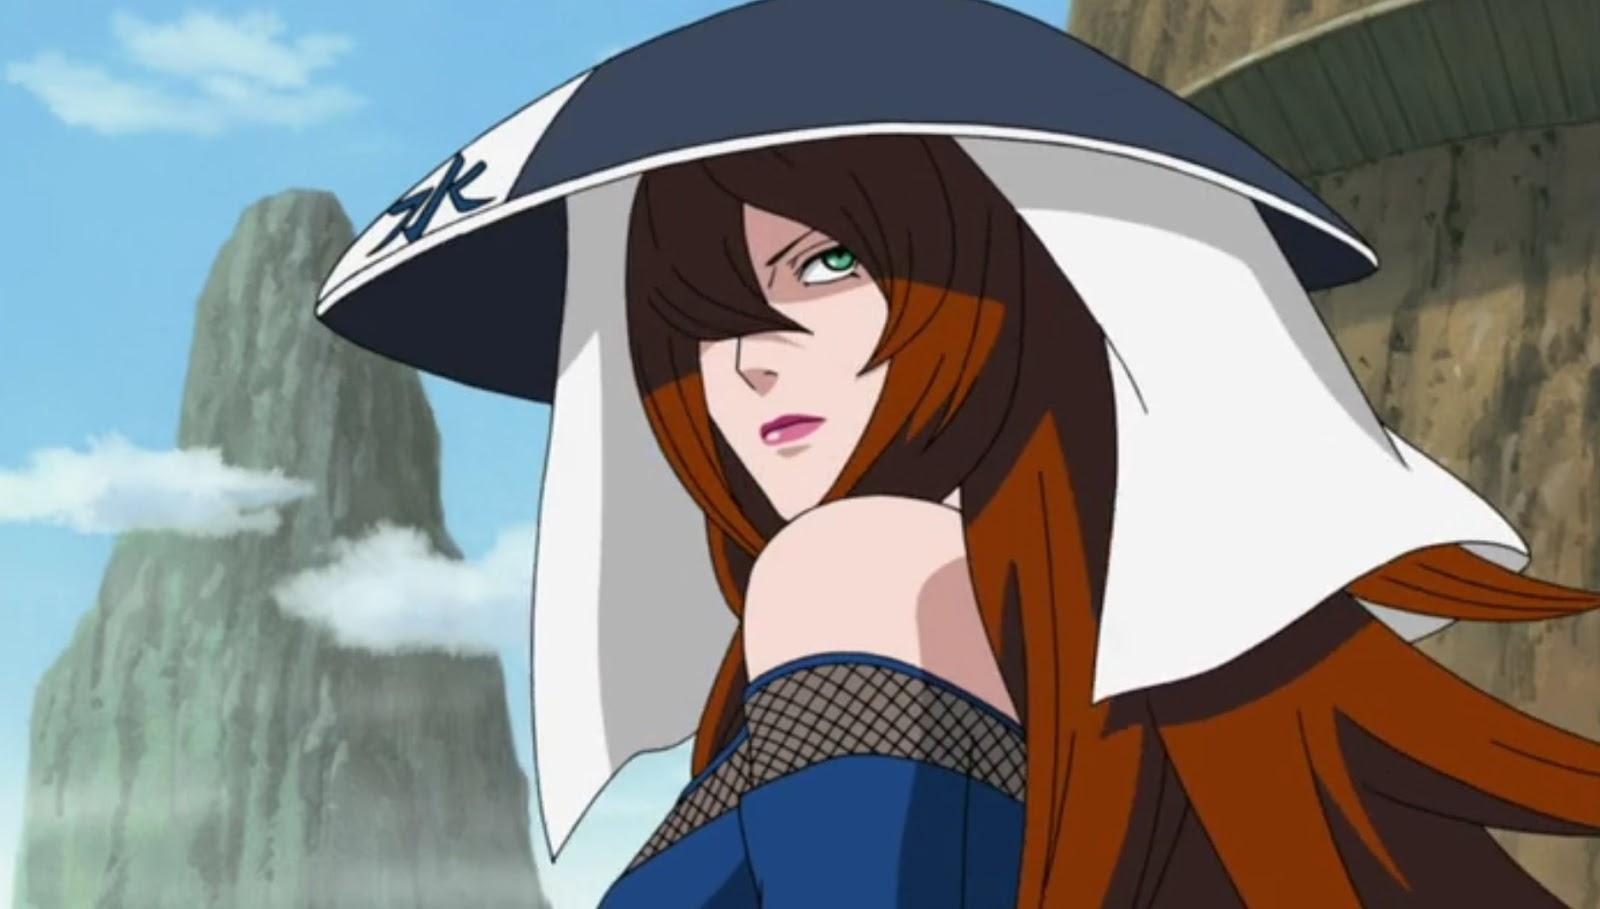 Naruto Shippuden Episódio 261, Assistir Naruto Shippuden Episódio 261, Assistir Naruto Shippuden Todos os Episódios Legendado, Naruto Shippuden episódio 261,HD